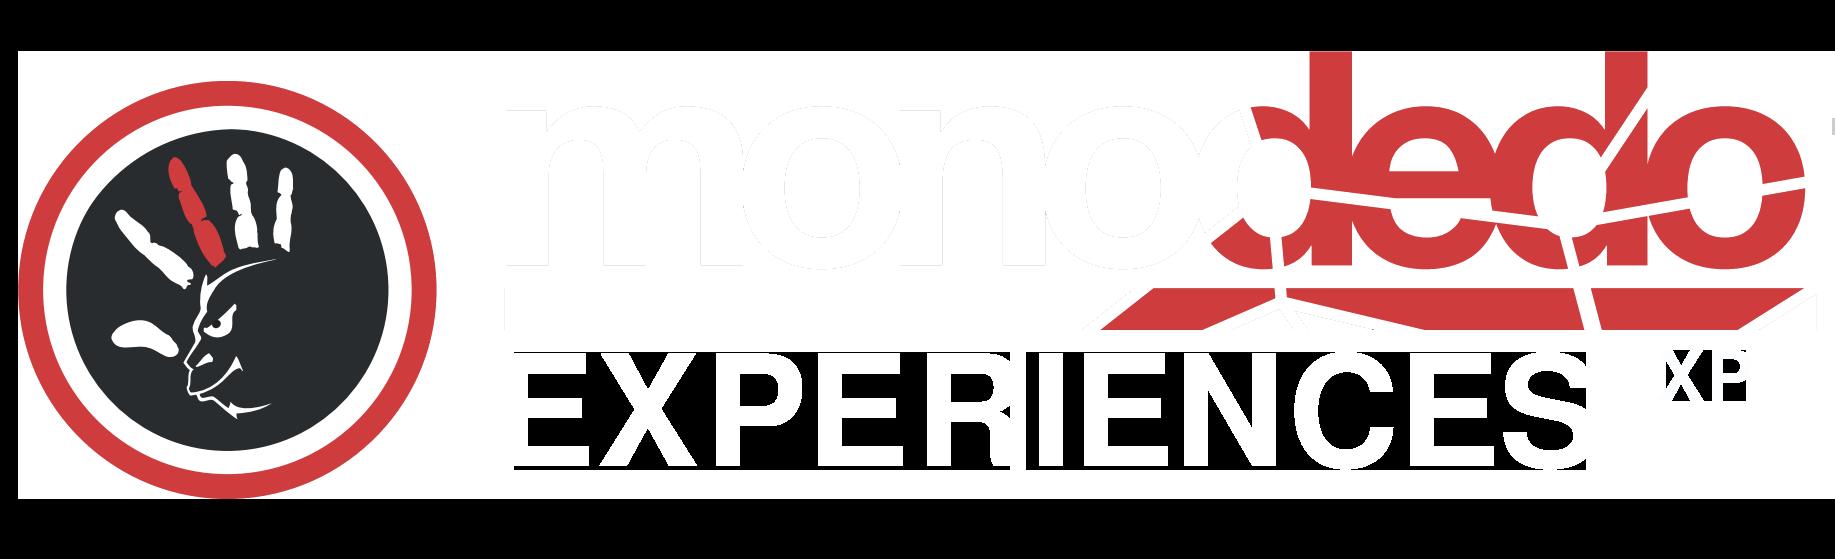 Monodedo experiences logo white